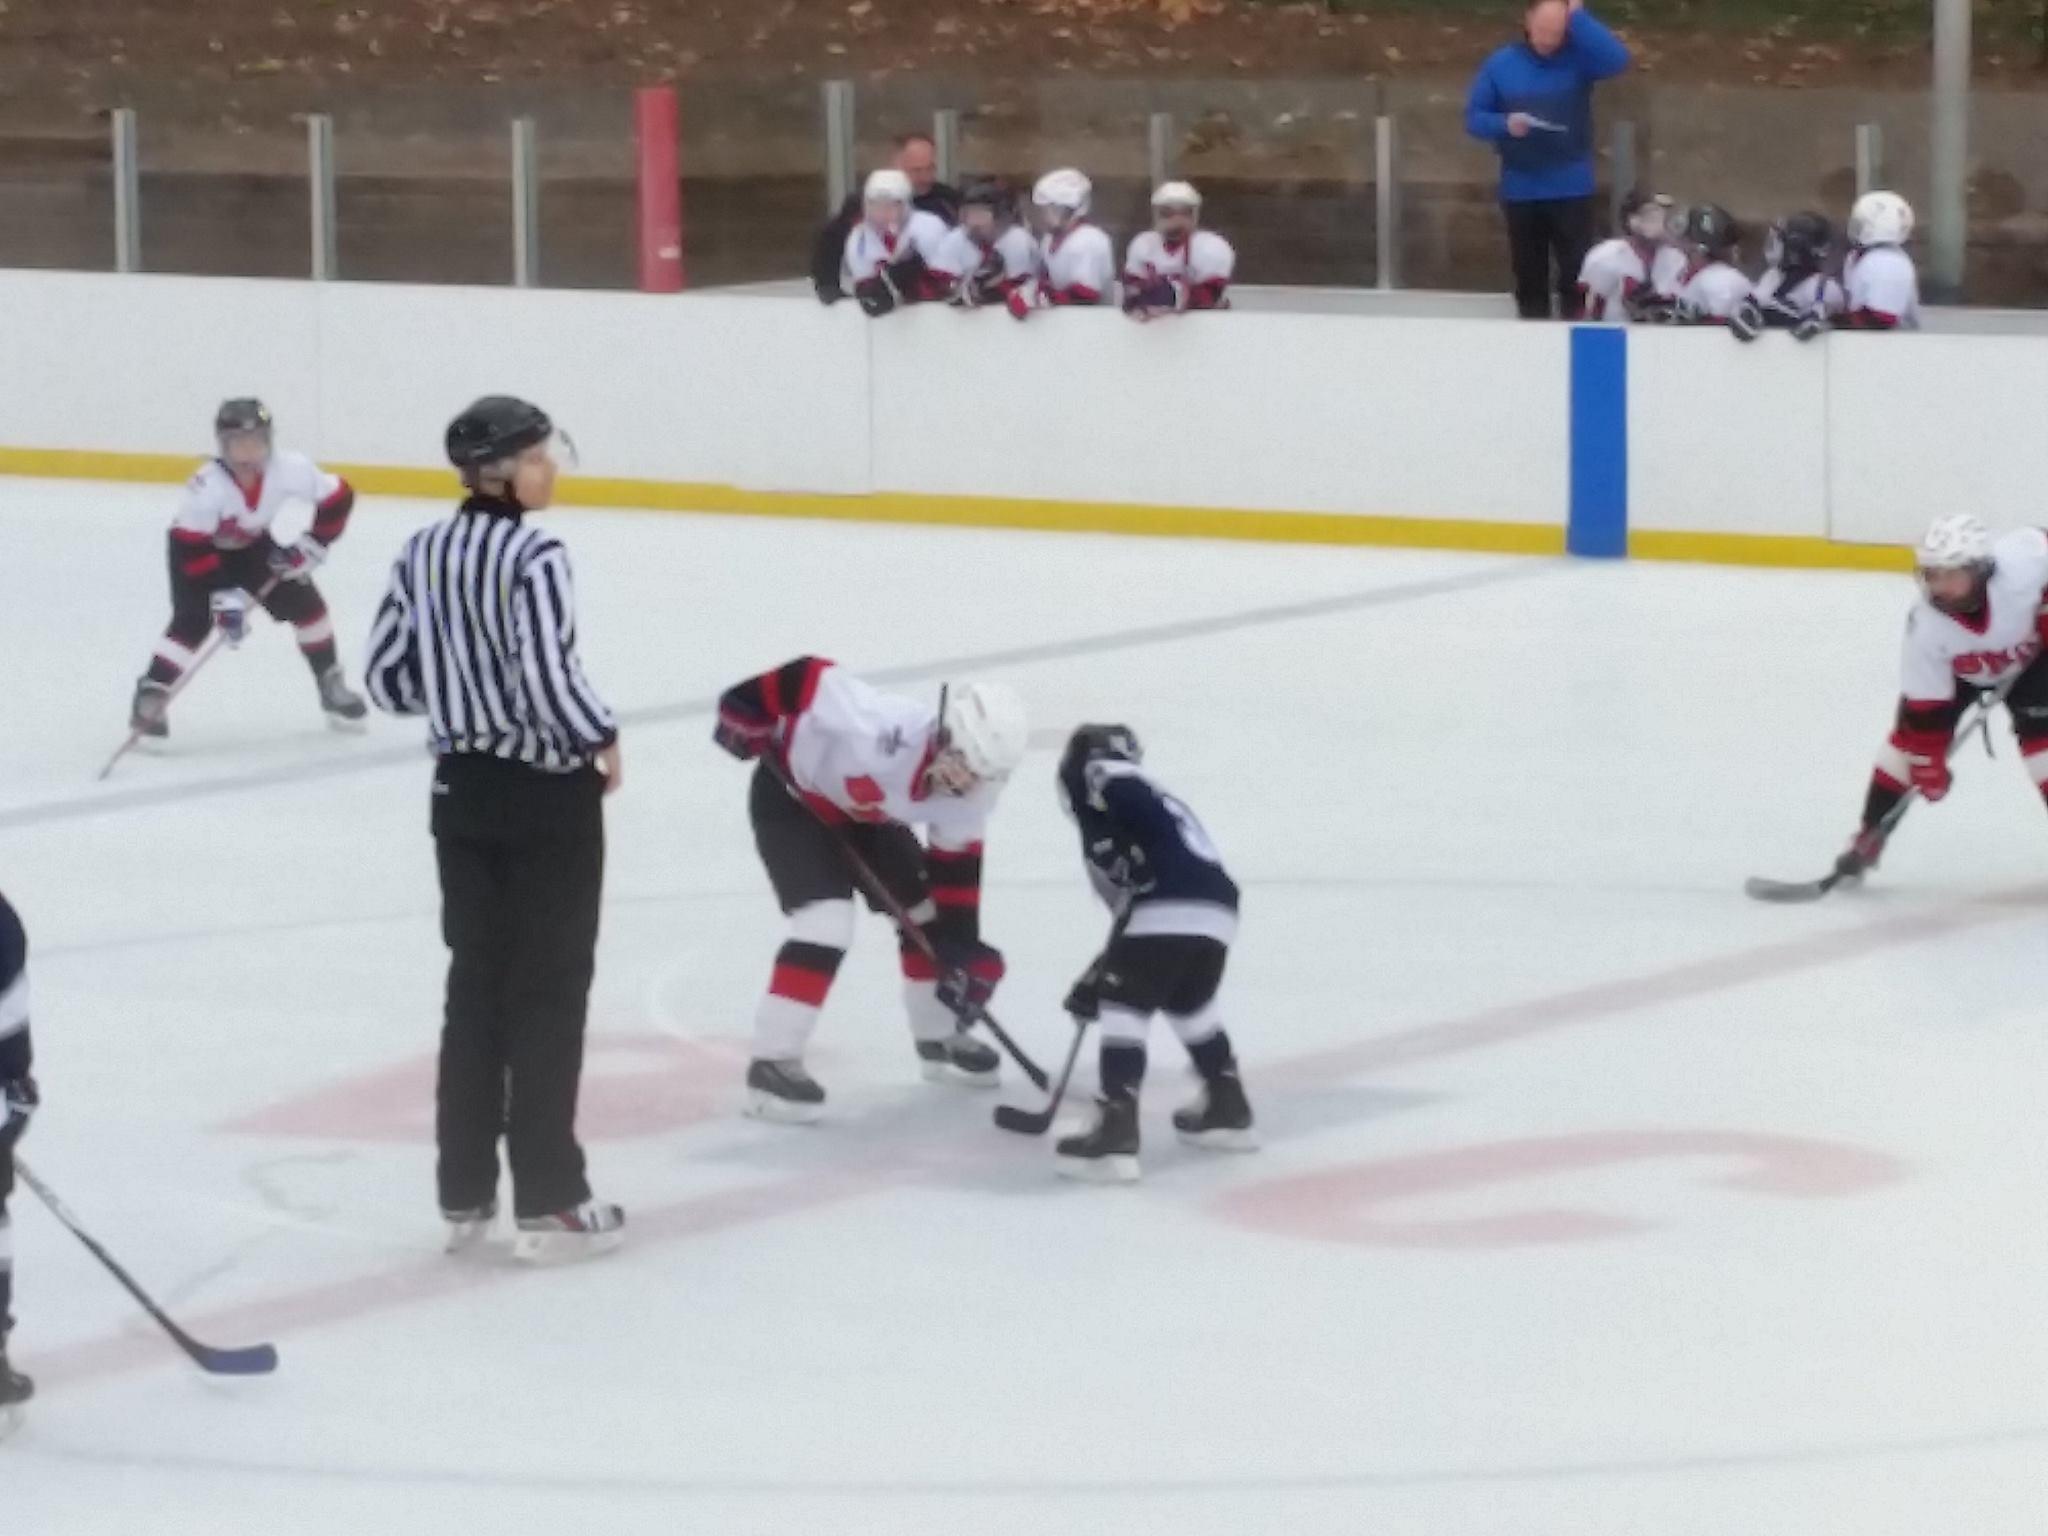 January 16, 2016 - The Squirts Team vs. Beacon Hill Hockey.